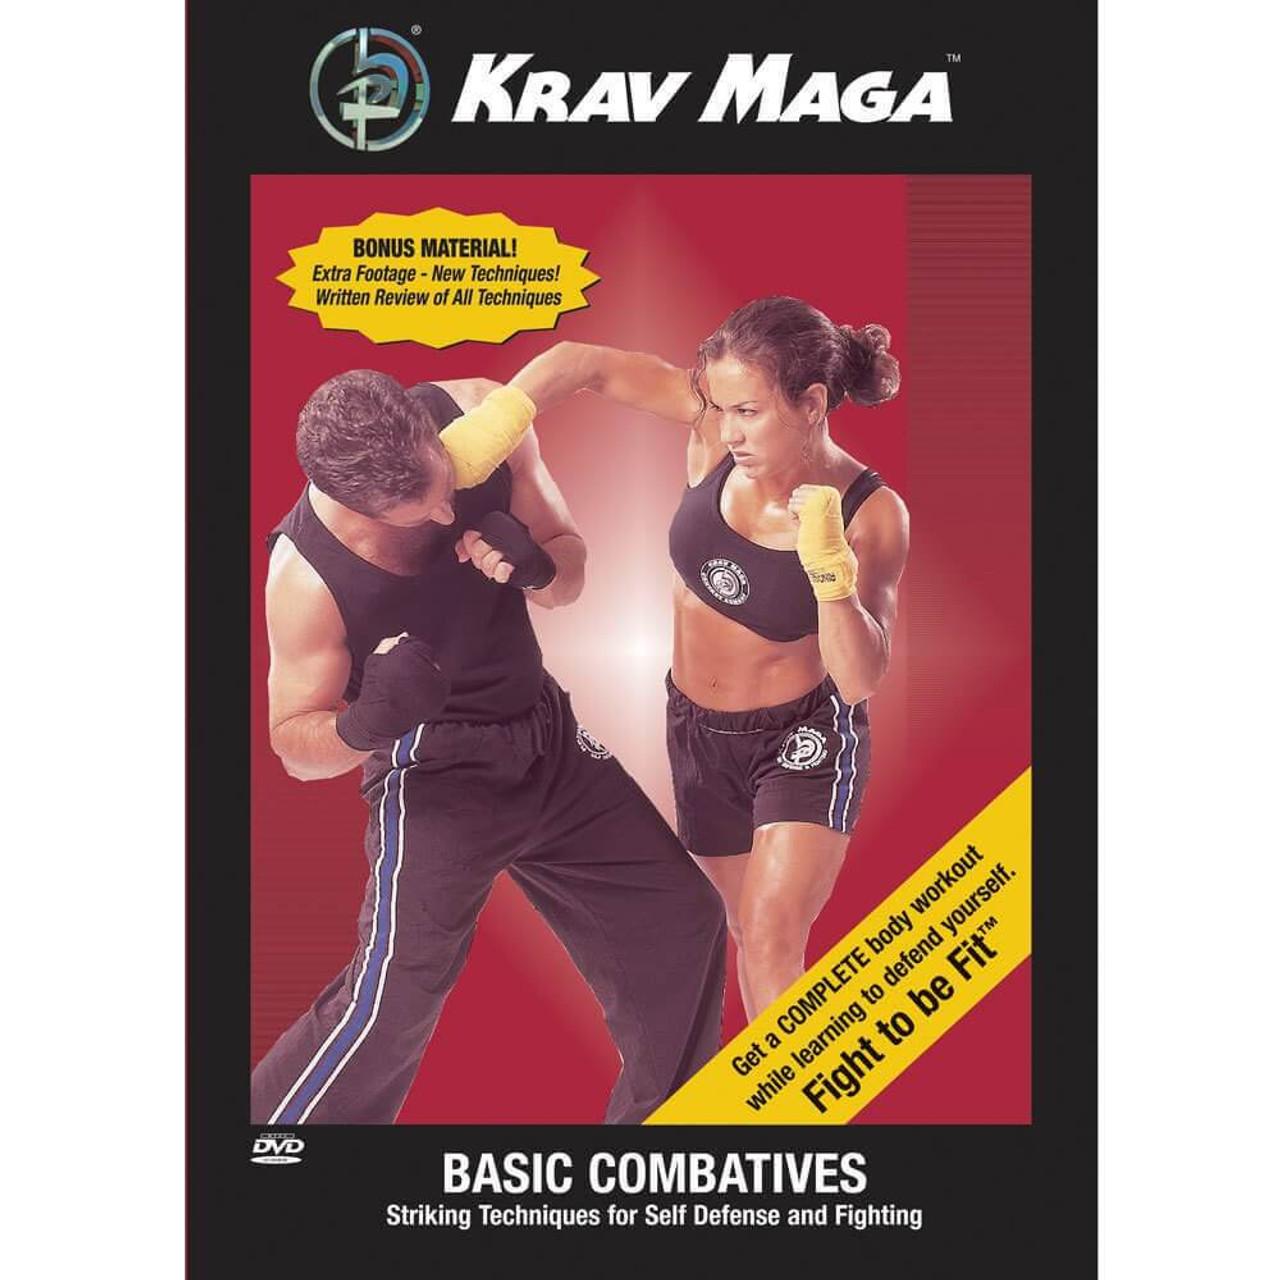 Krav Maga: Basic Combatives DVD